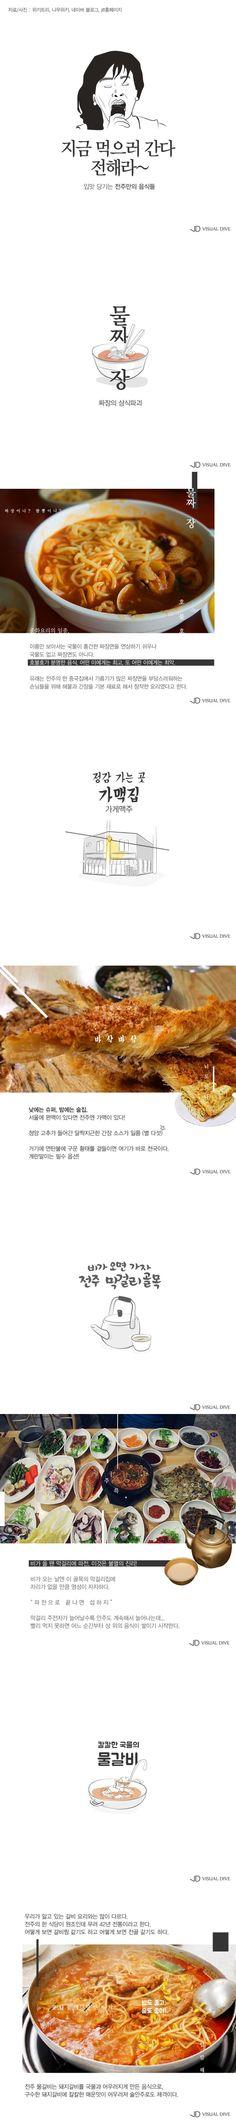 '전주의 맛'… 전주 여행 가면 놓쳐선 안 되는 음식 4가지 [카드뉴스] #jeonju / #cardnews ⓒ 비주얼다이브 무단 복사·전재·재배포 금지